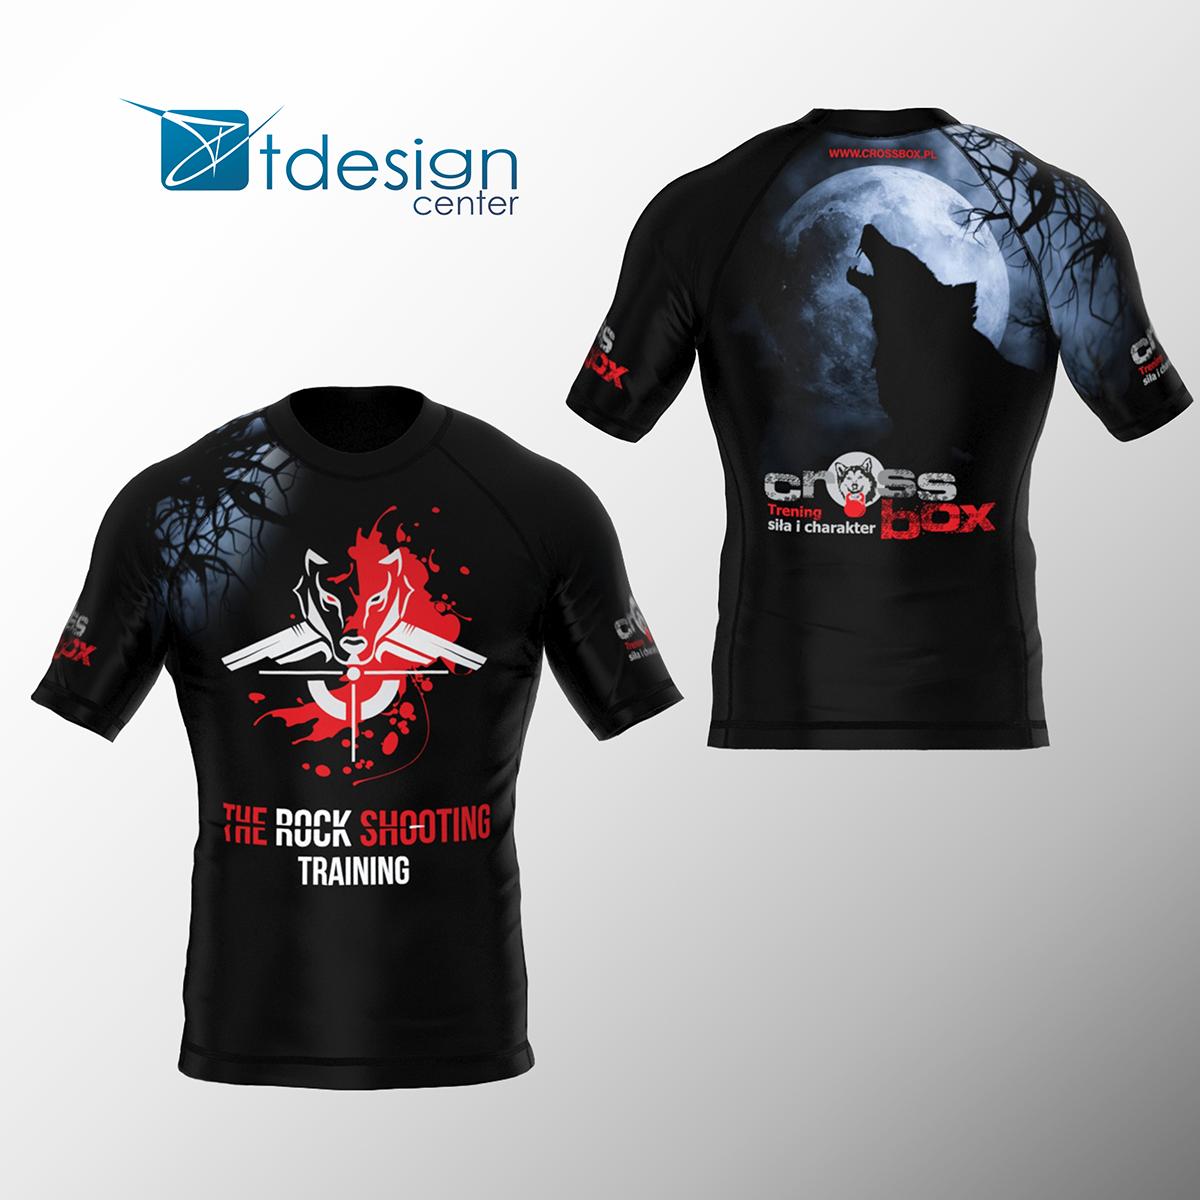 Koszulka treningowa męska (dopasowana), nadruk na 100% materiału - projekt + realizacja dla Cross Box GORLICE